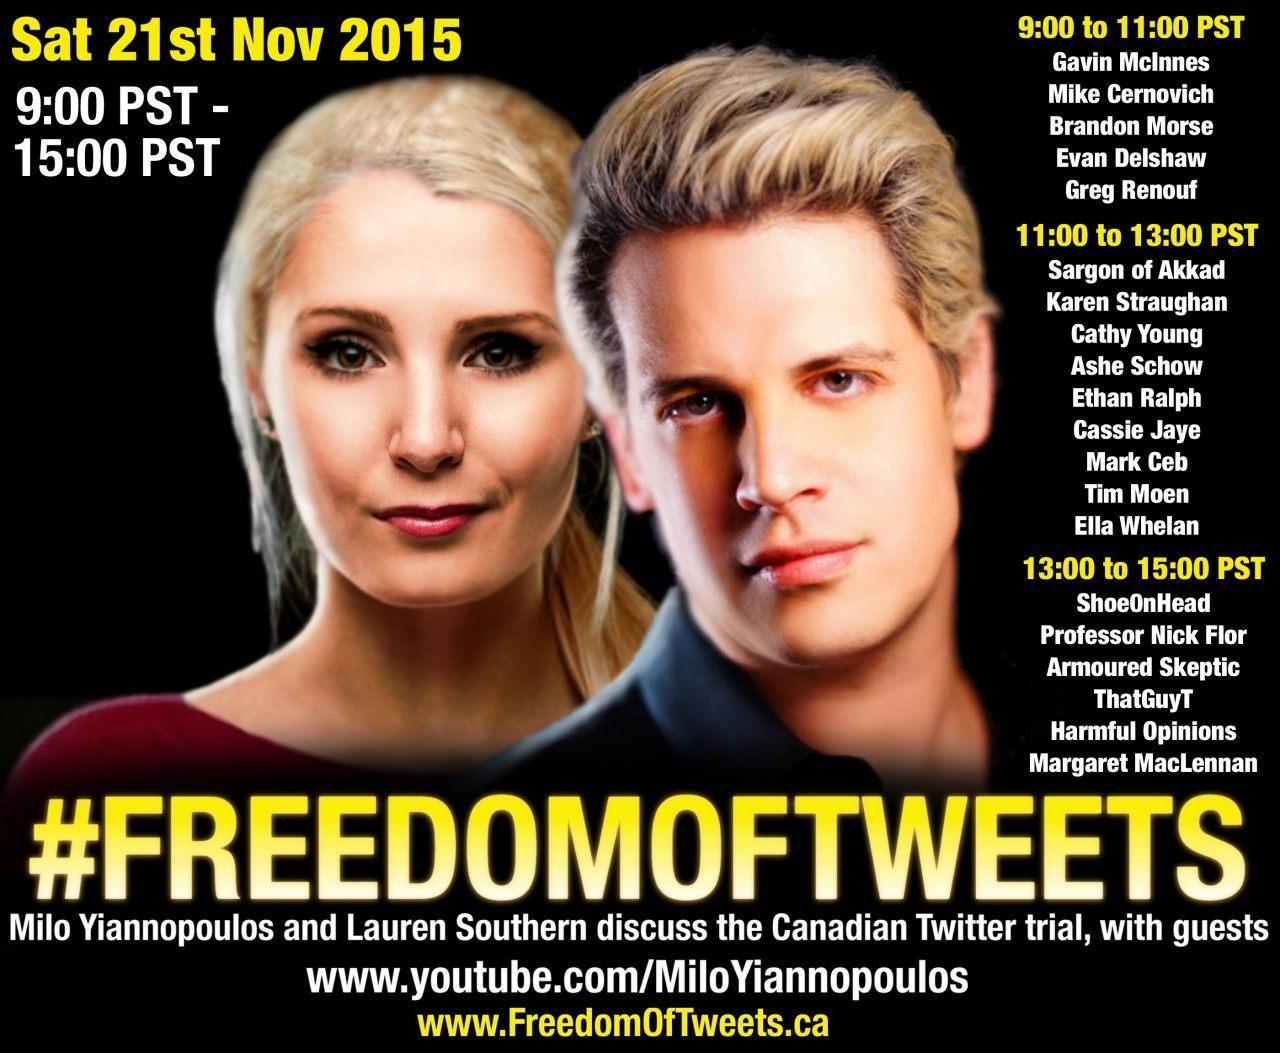 Freedom Of Tweets Stream Raises Over $20,20 For Landmark Legal Battle